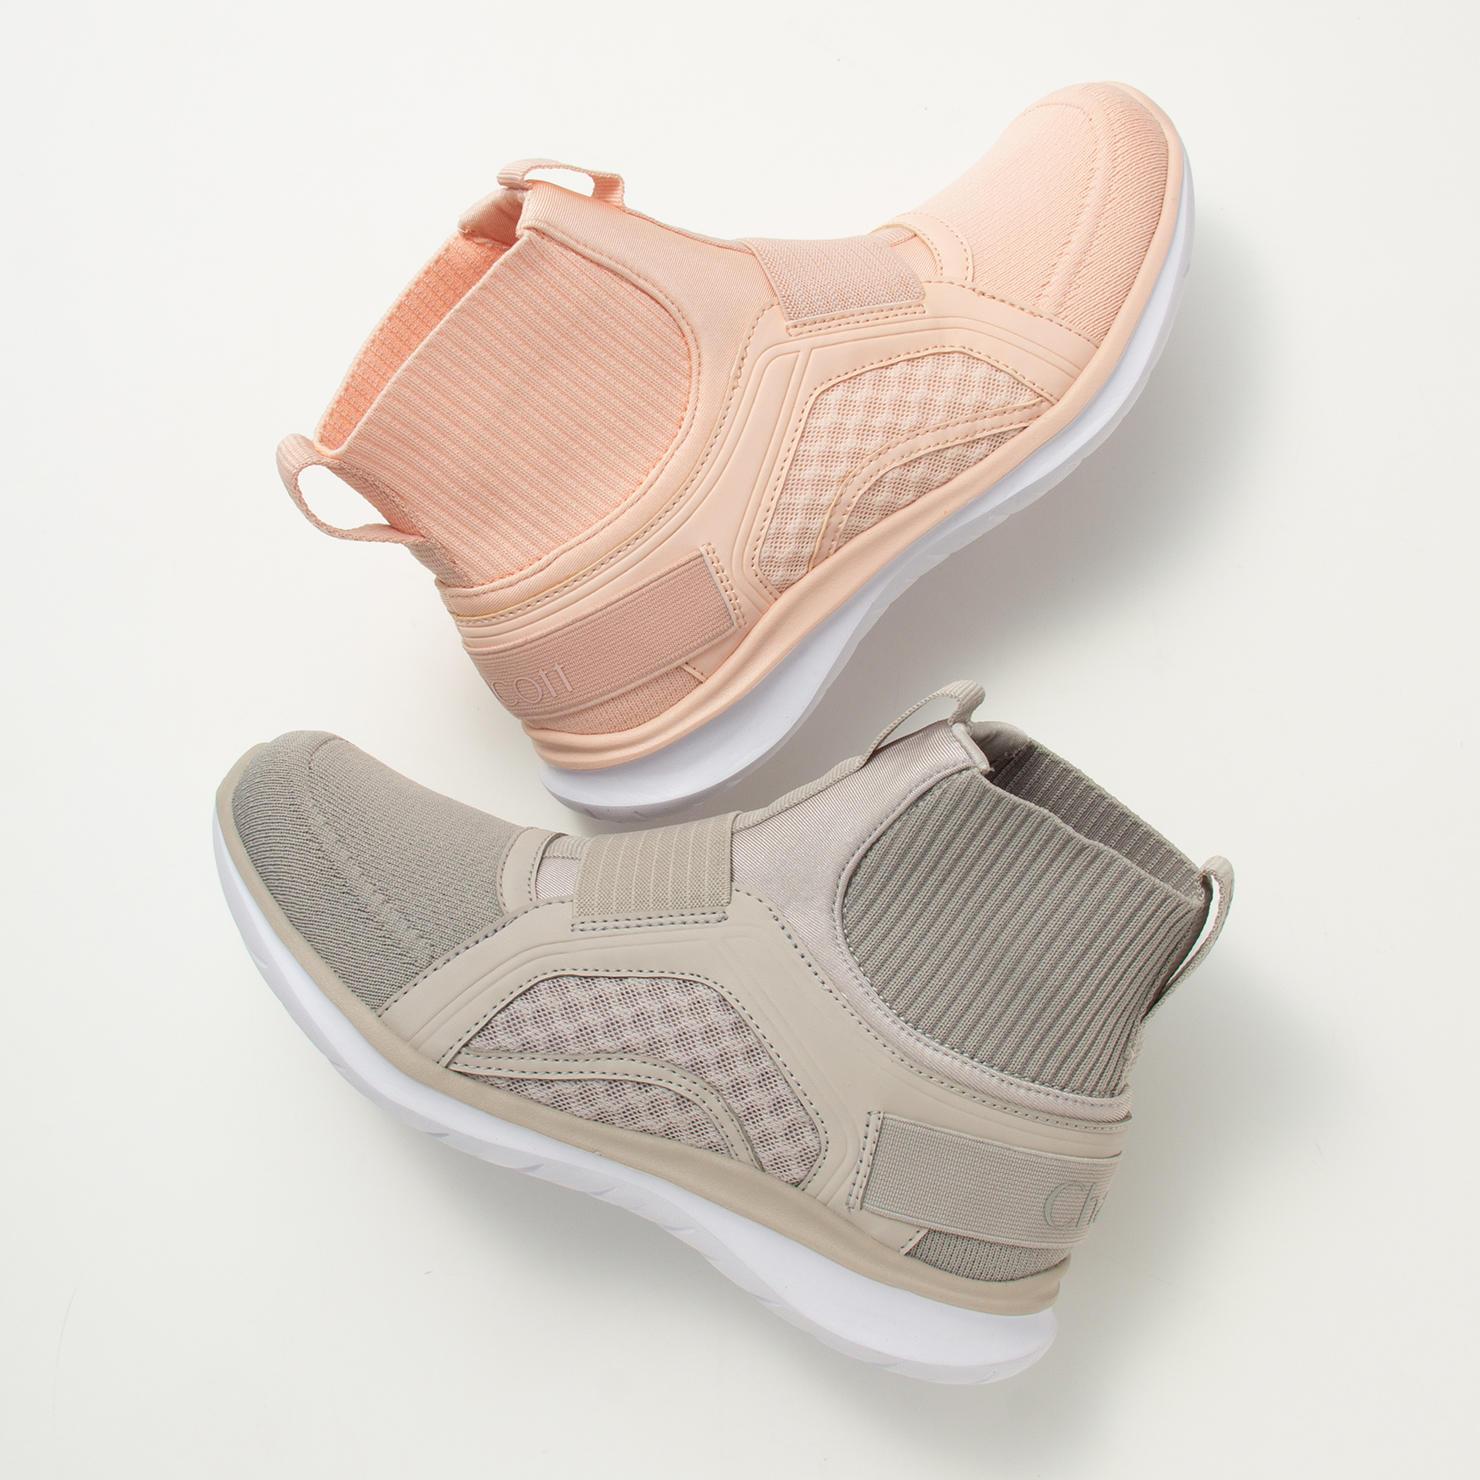 0417_sneaker_balance_high01.jpg